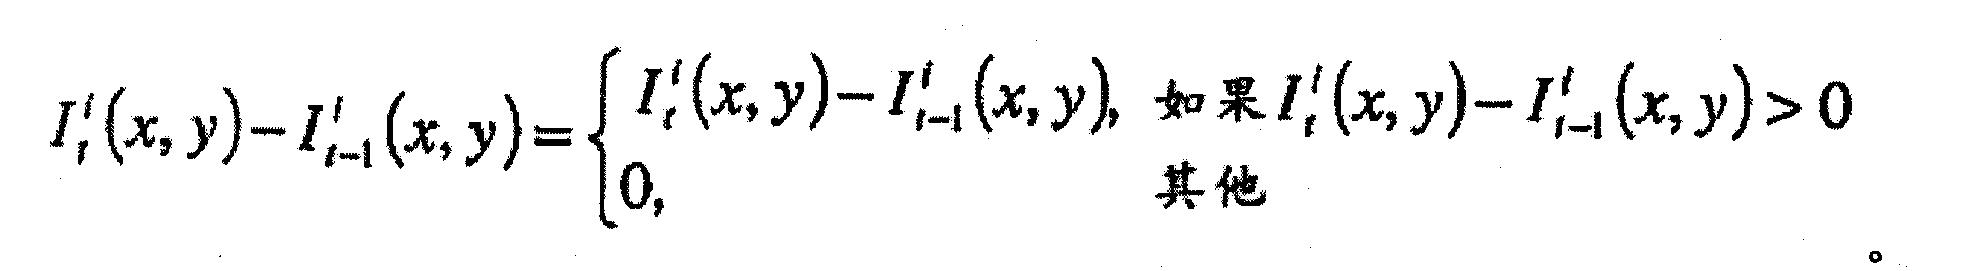 Figure CN102257511BD00092